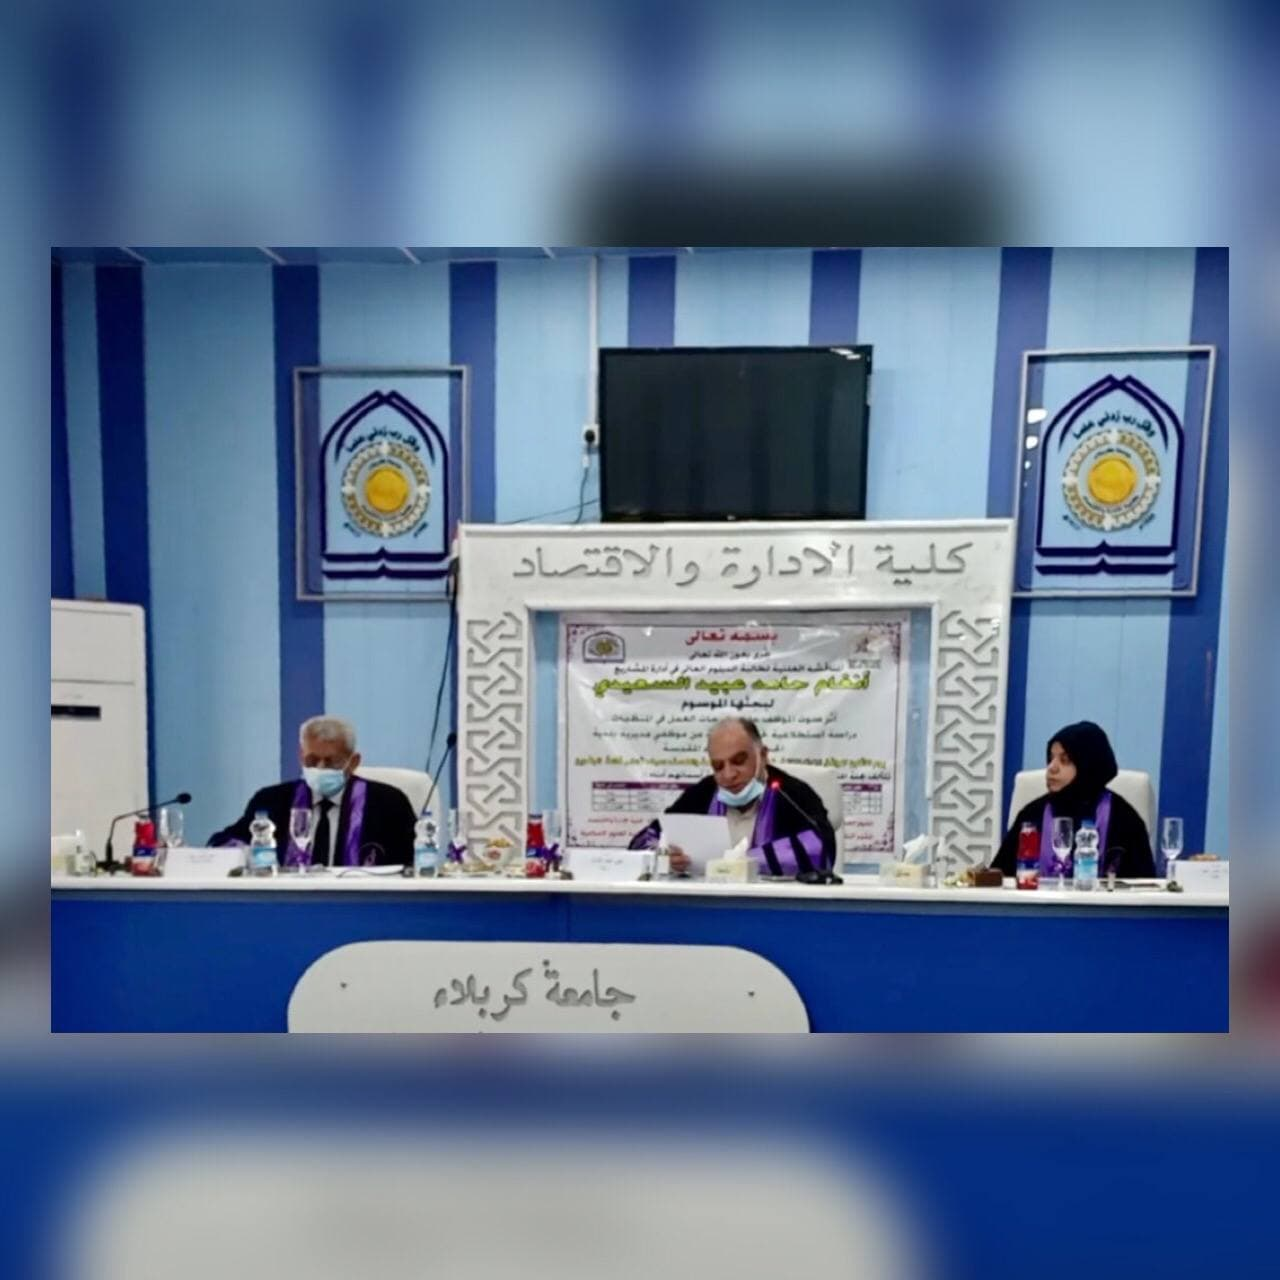 You are currently viewing جامعة كربلاء تناقش بحث حول تأثير صوت الموظف في مخرجات العمل في المنظمات